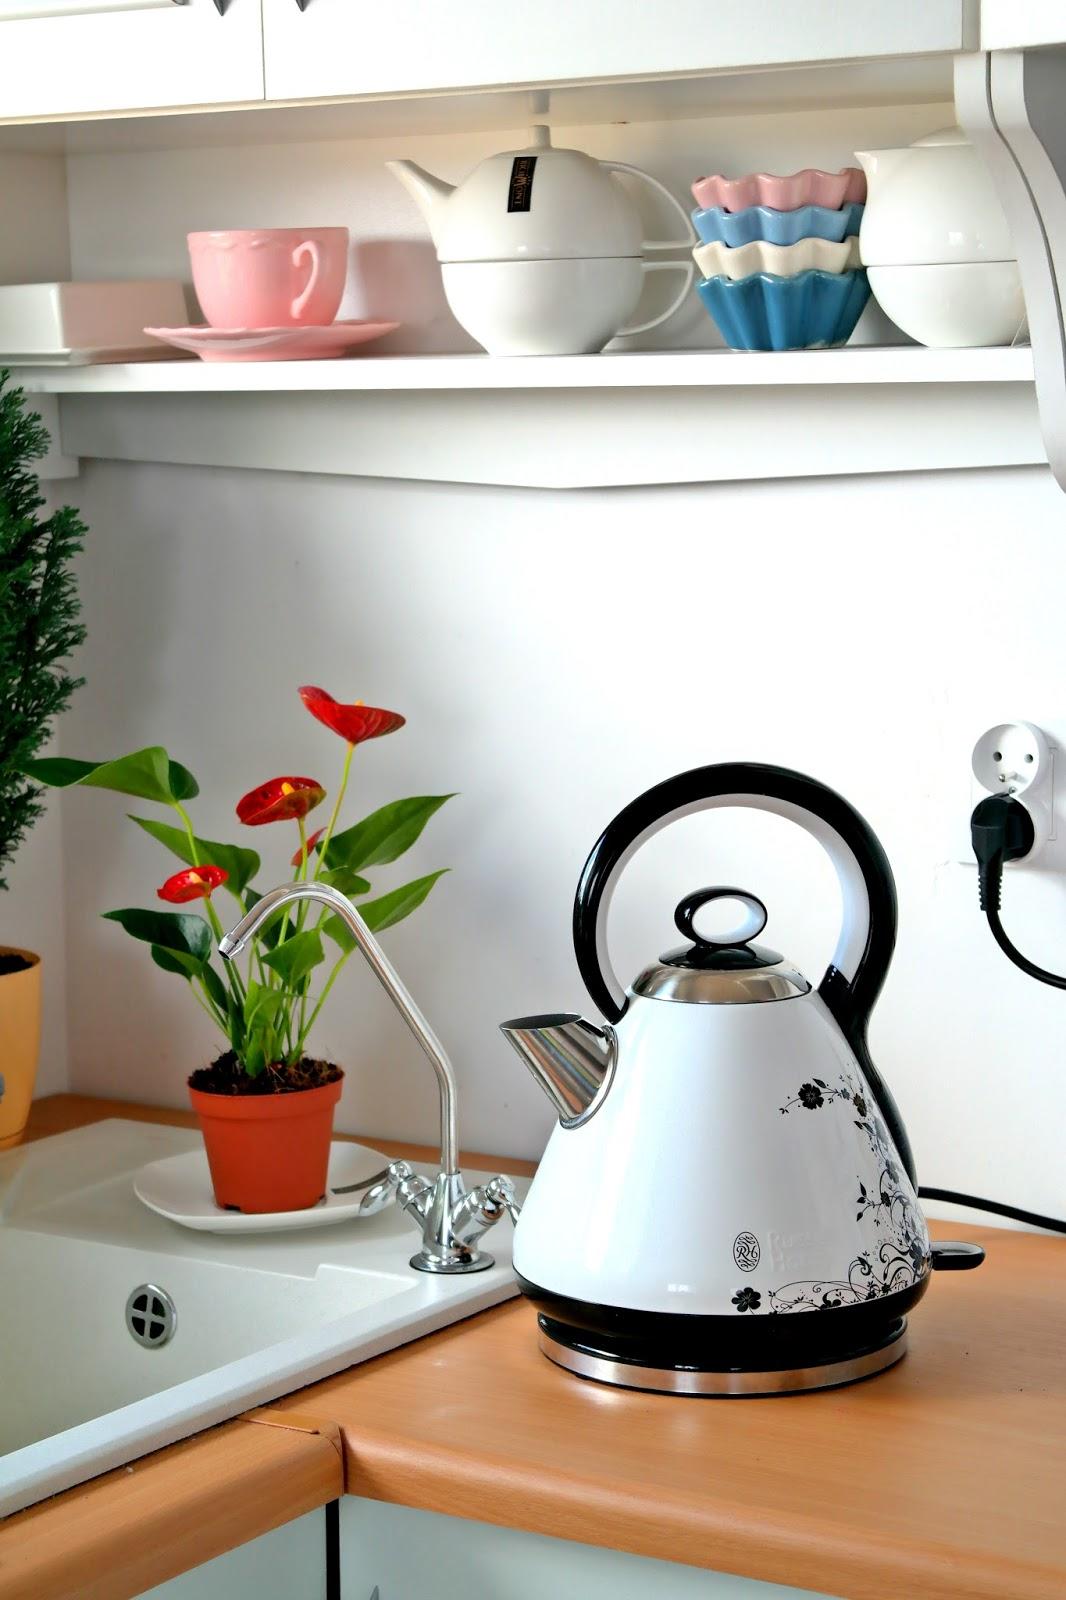 jak w naturalny sposób pozbyć się kamienia w czajniku?